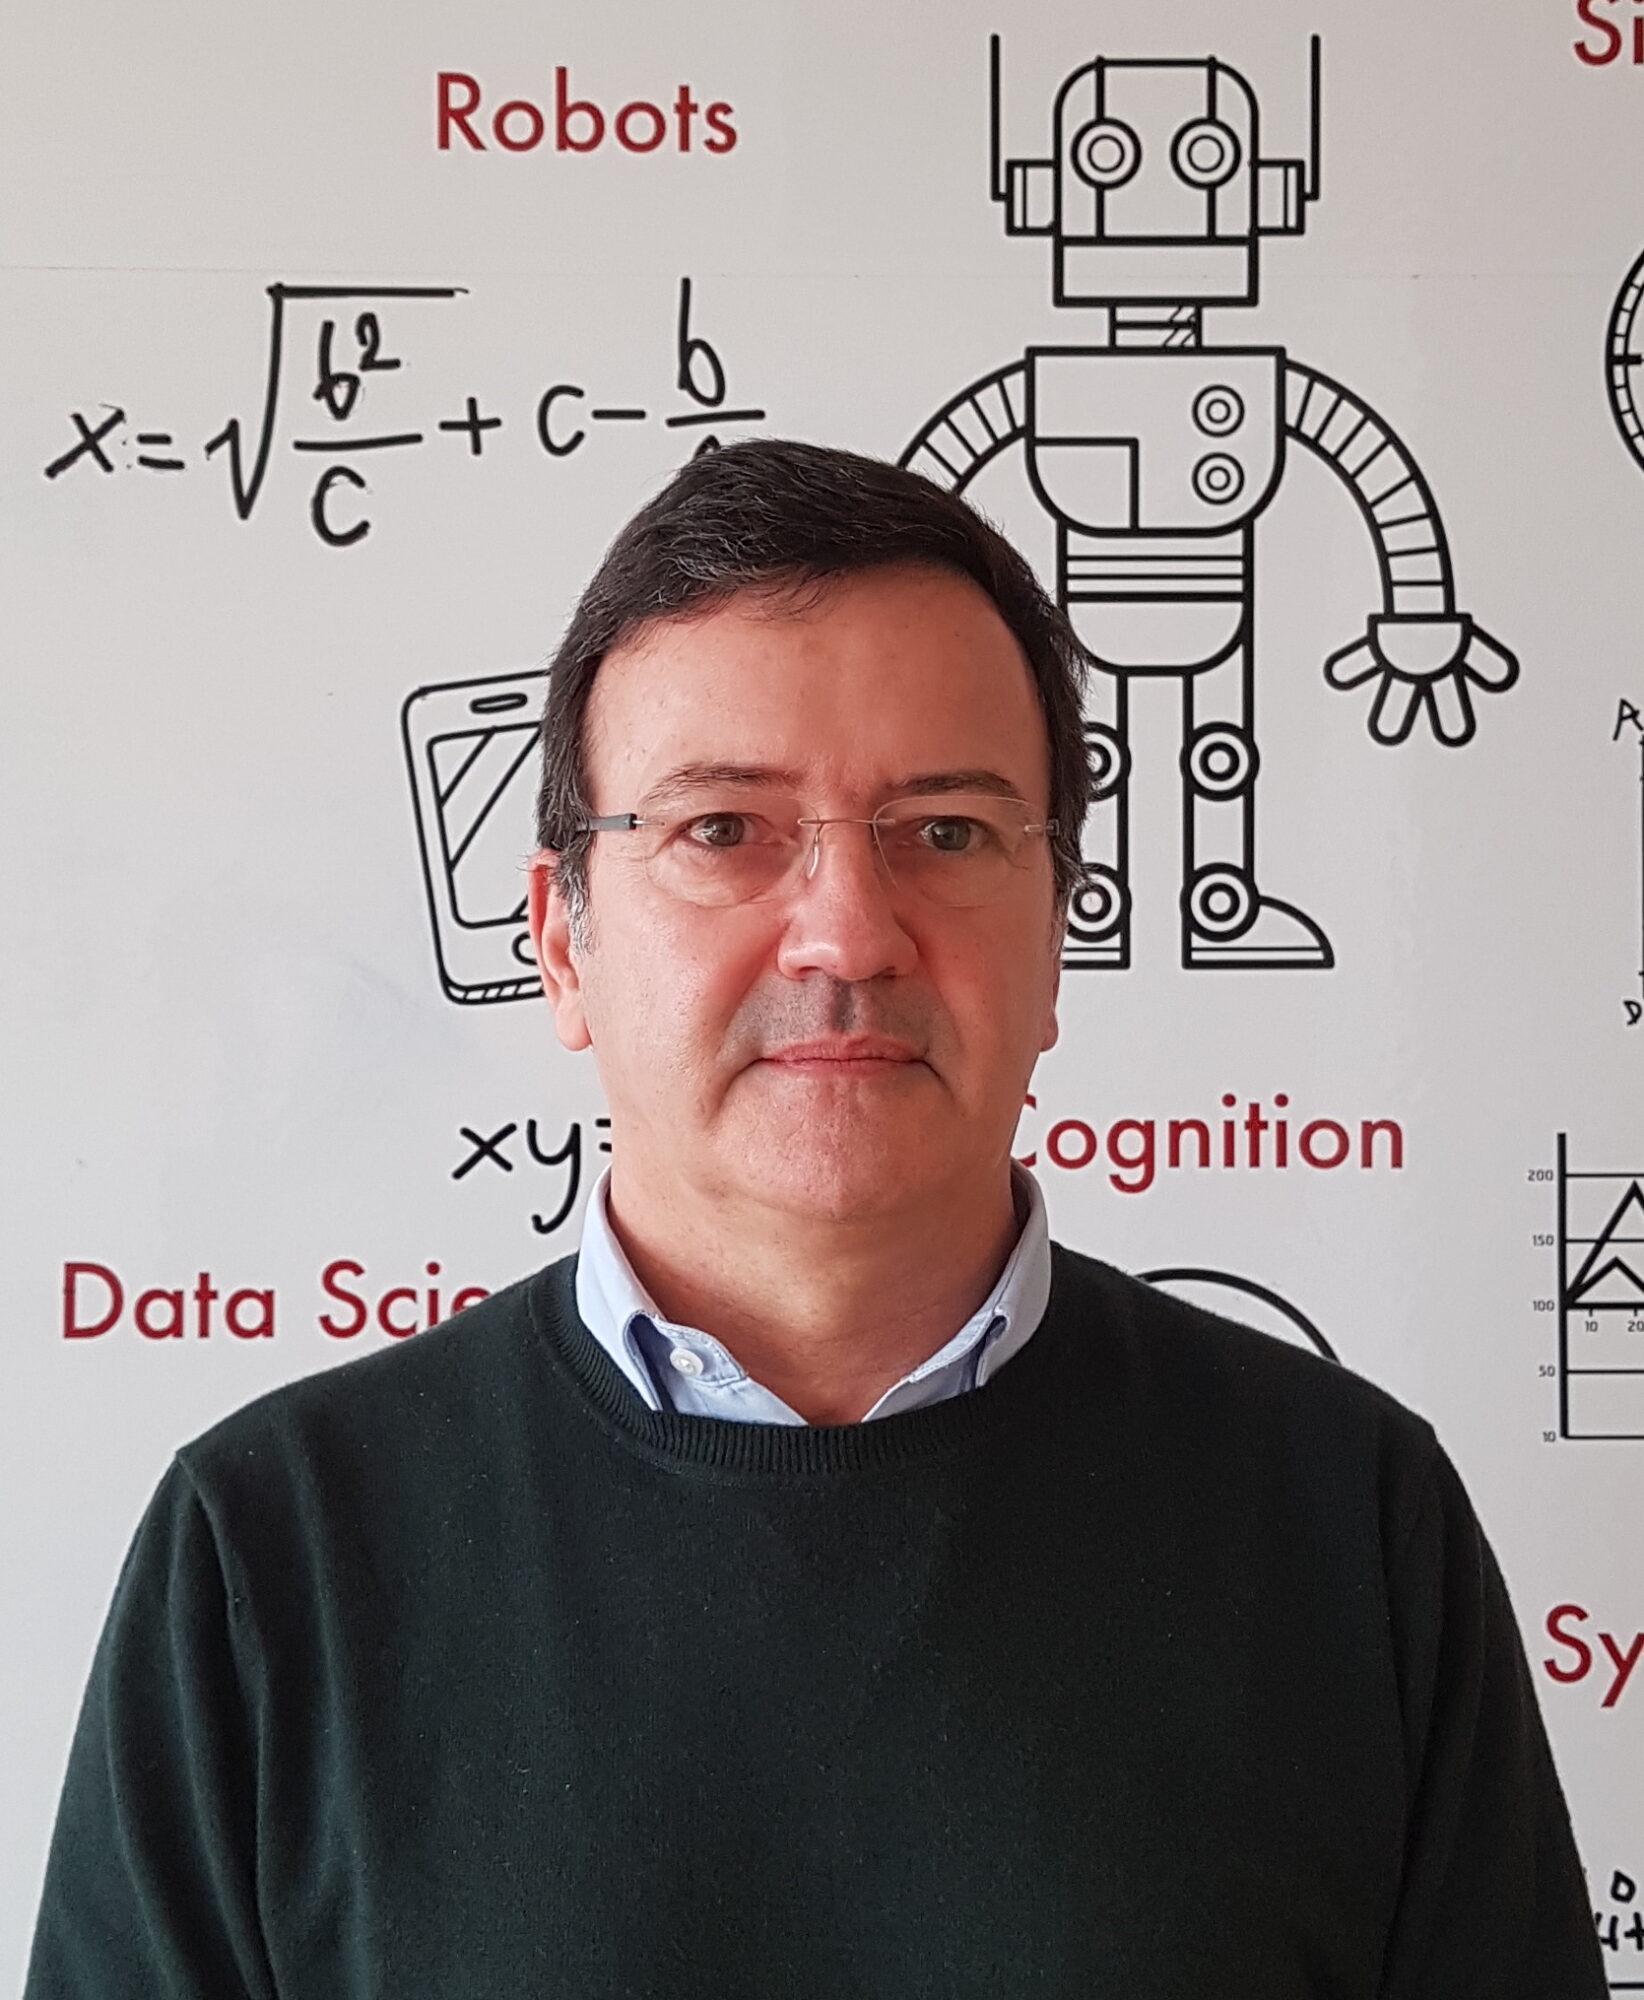 José Santos-Victor